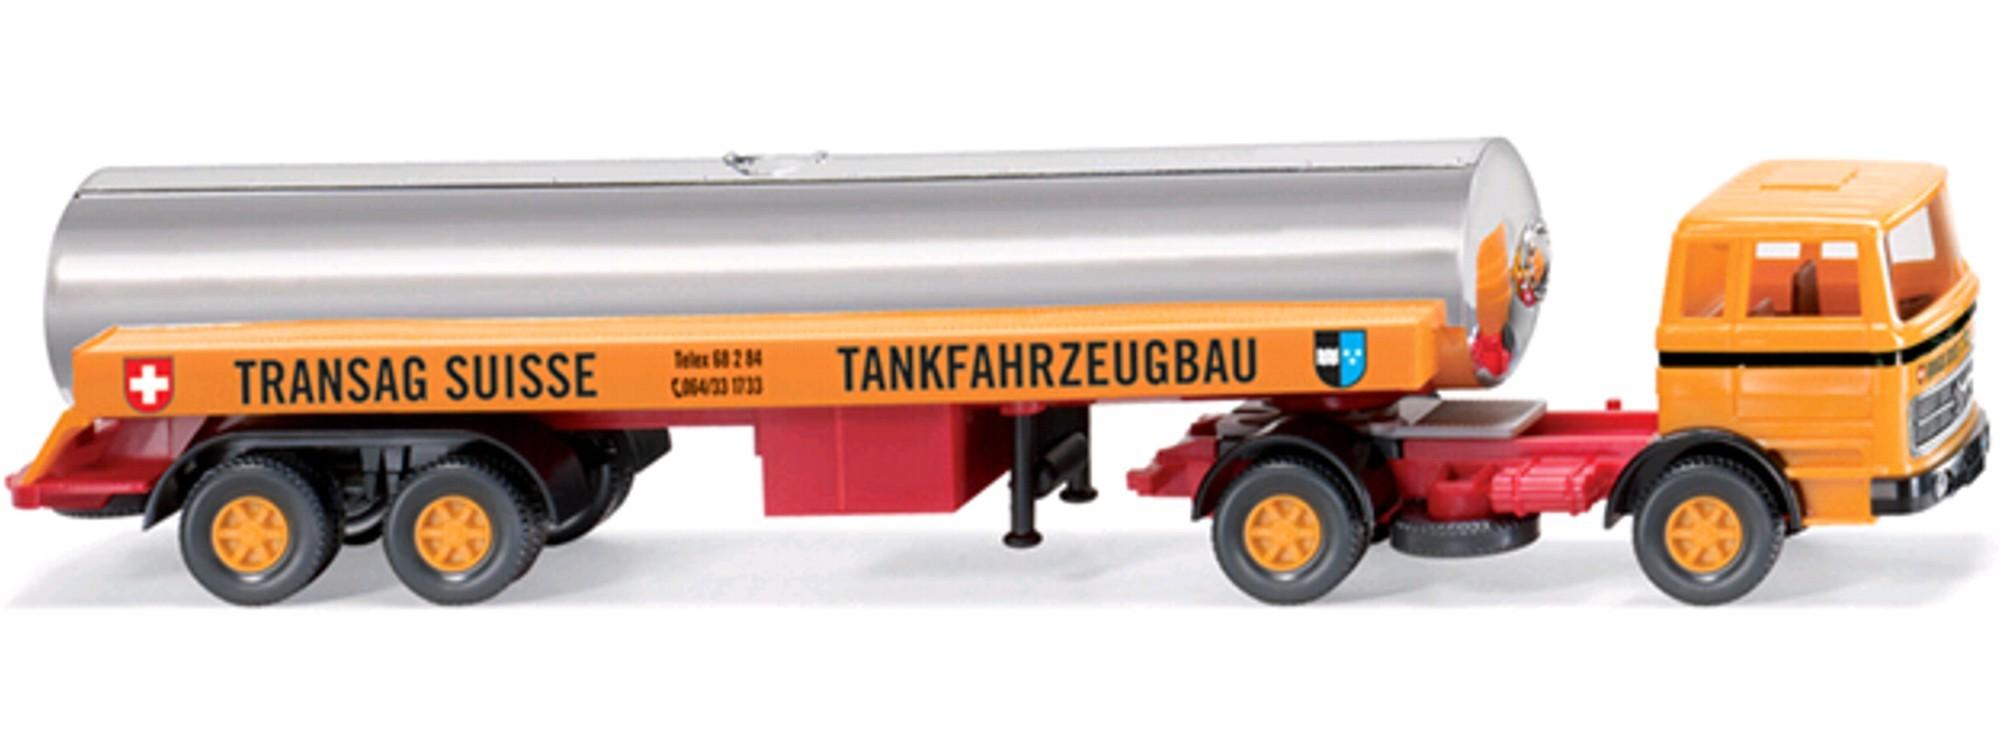 Wiking MB 1620 Flüssiggas-Sattelzug TRANSAG SUISSE -Einzelstück-